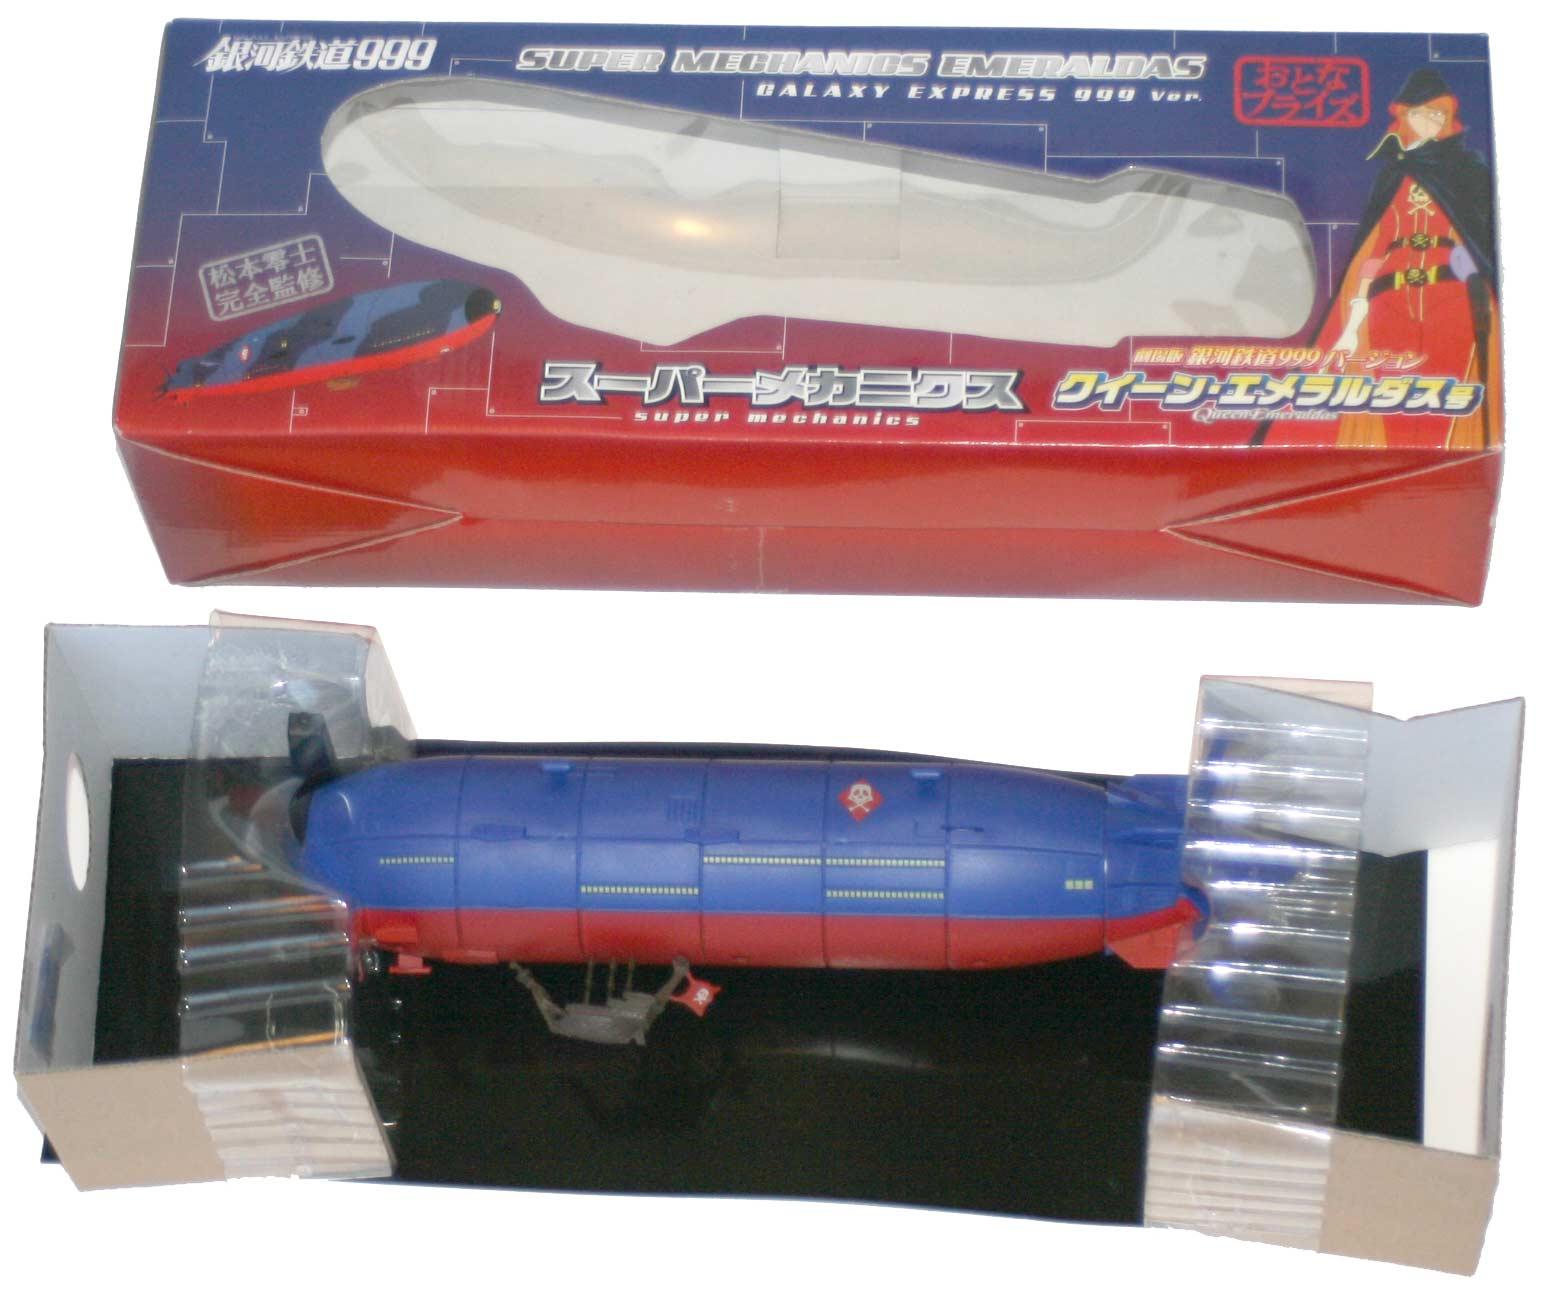 Les packaging peut être réutilisé pour rangé le vaisseau.